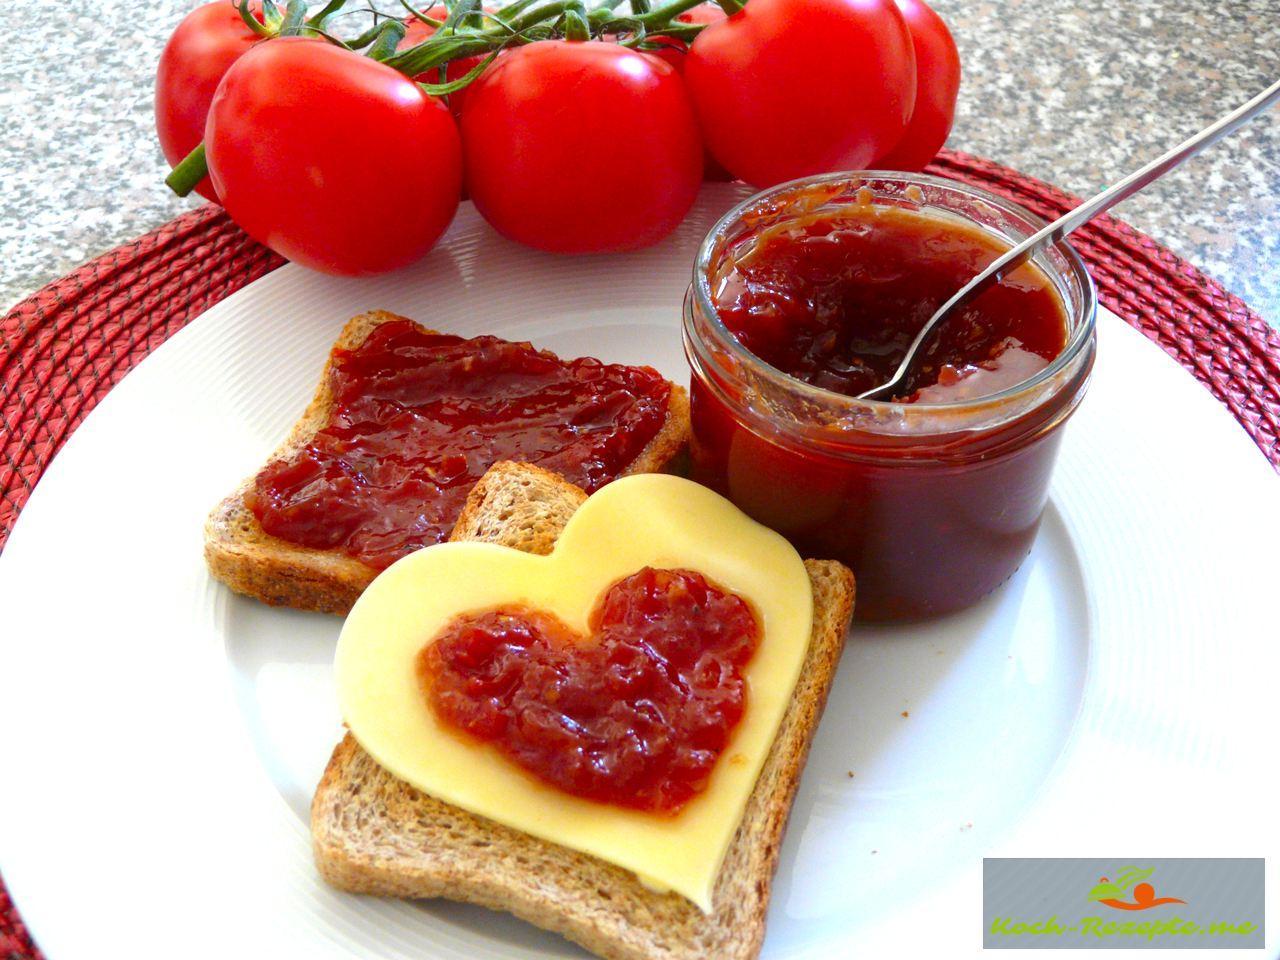 Die Tomatenmarmelade schmeckt würzig, herzhaft, fruchtig und so lecker auf Käse, aber Pur ist ein Geschmackserlebnis